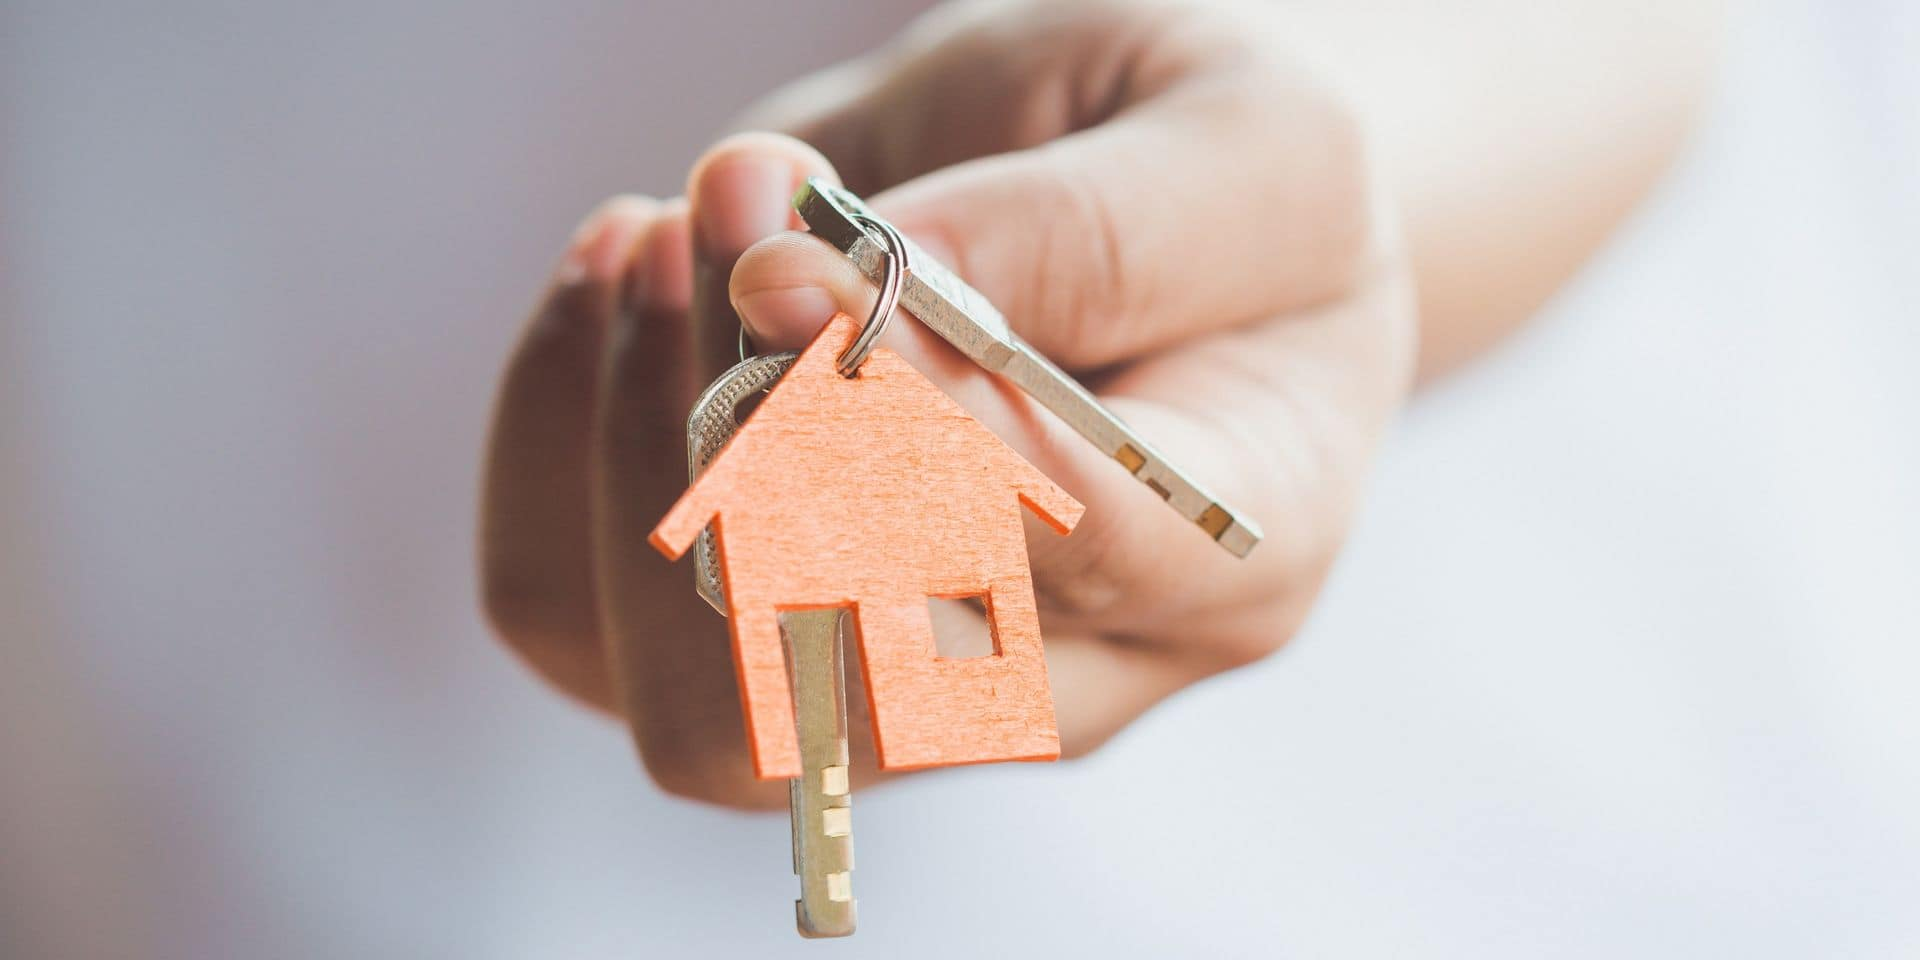 Les propriétaires invités à faire preuve de compréhension envers leurs locataires